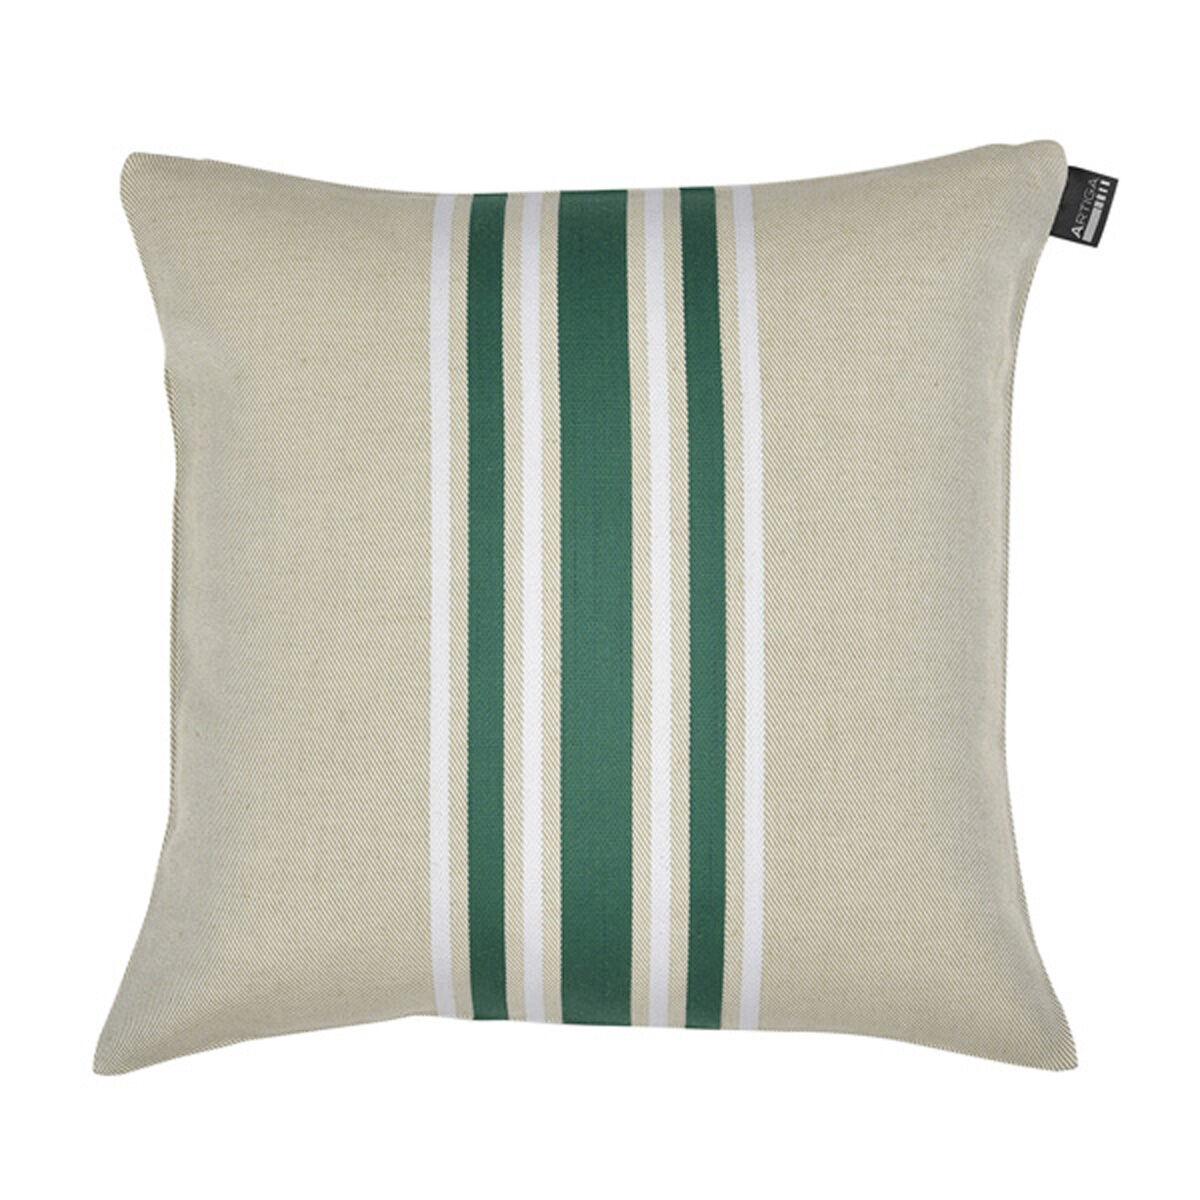 Artiga Coussin carré en coton vert 40x40 cm